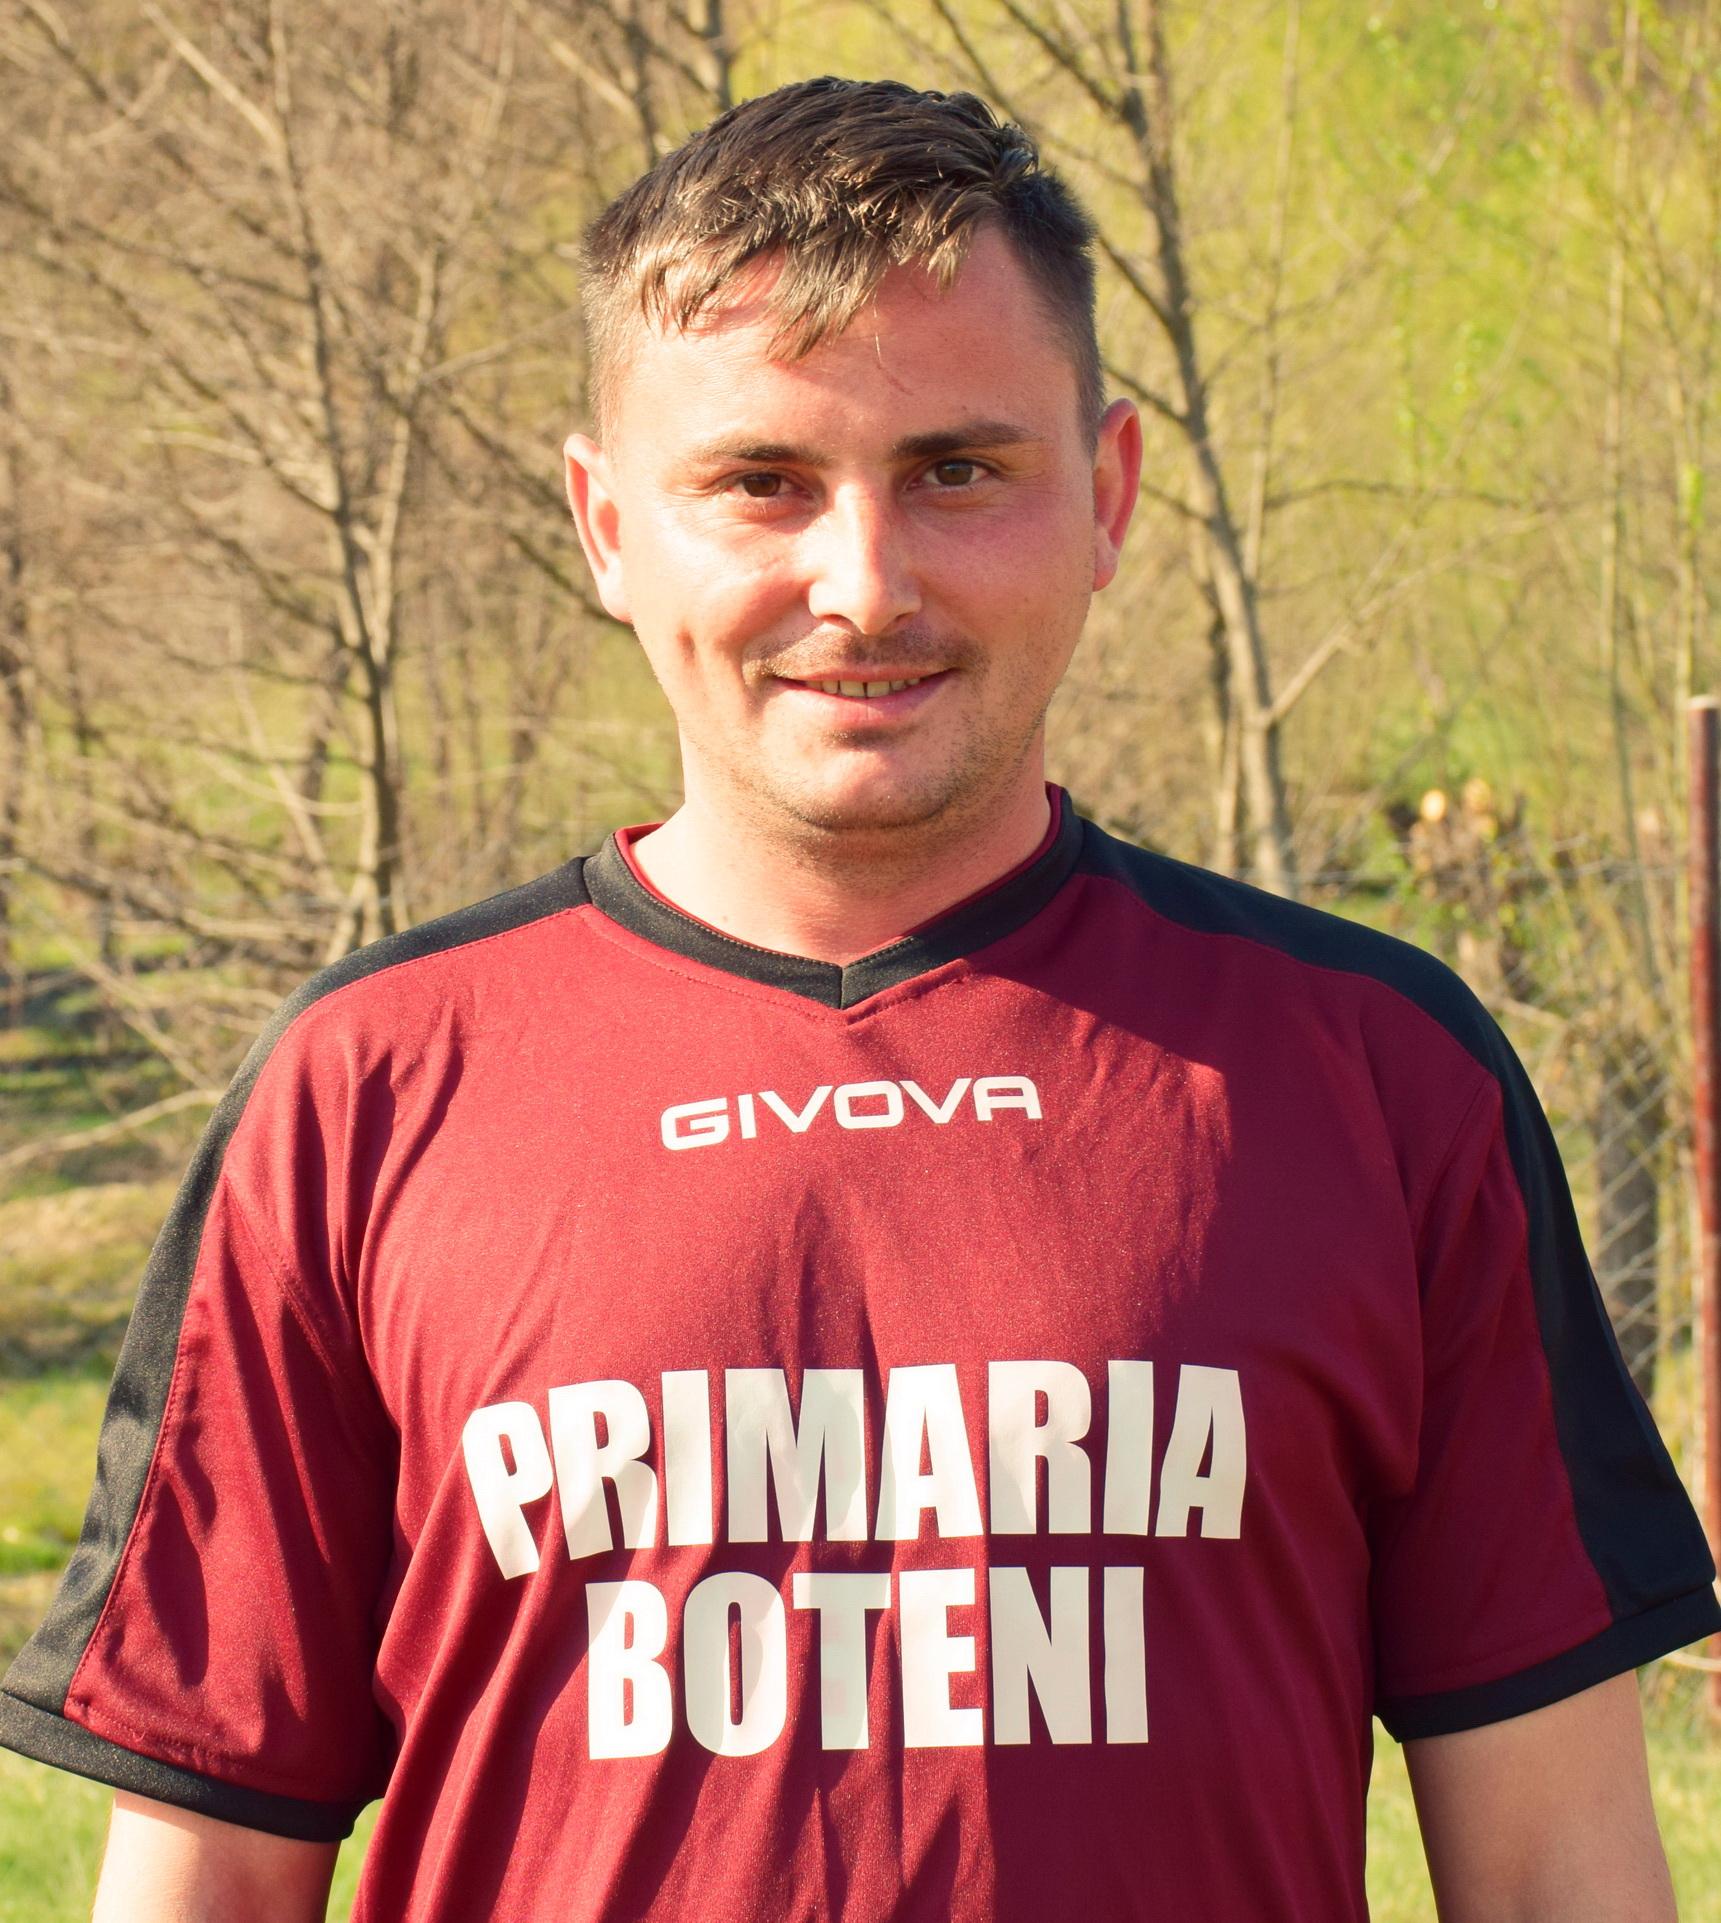 Cotiga Mihai Alexandru